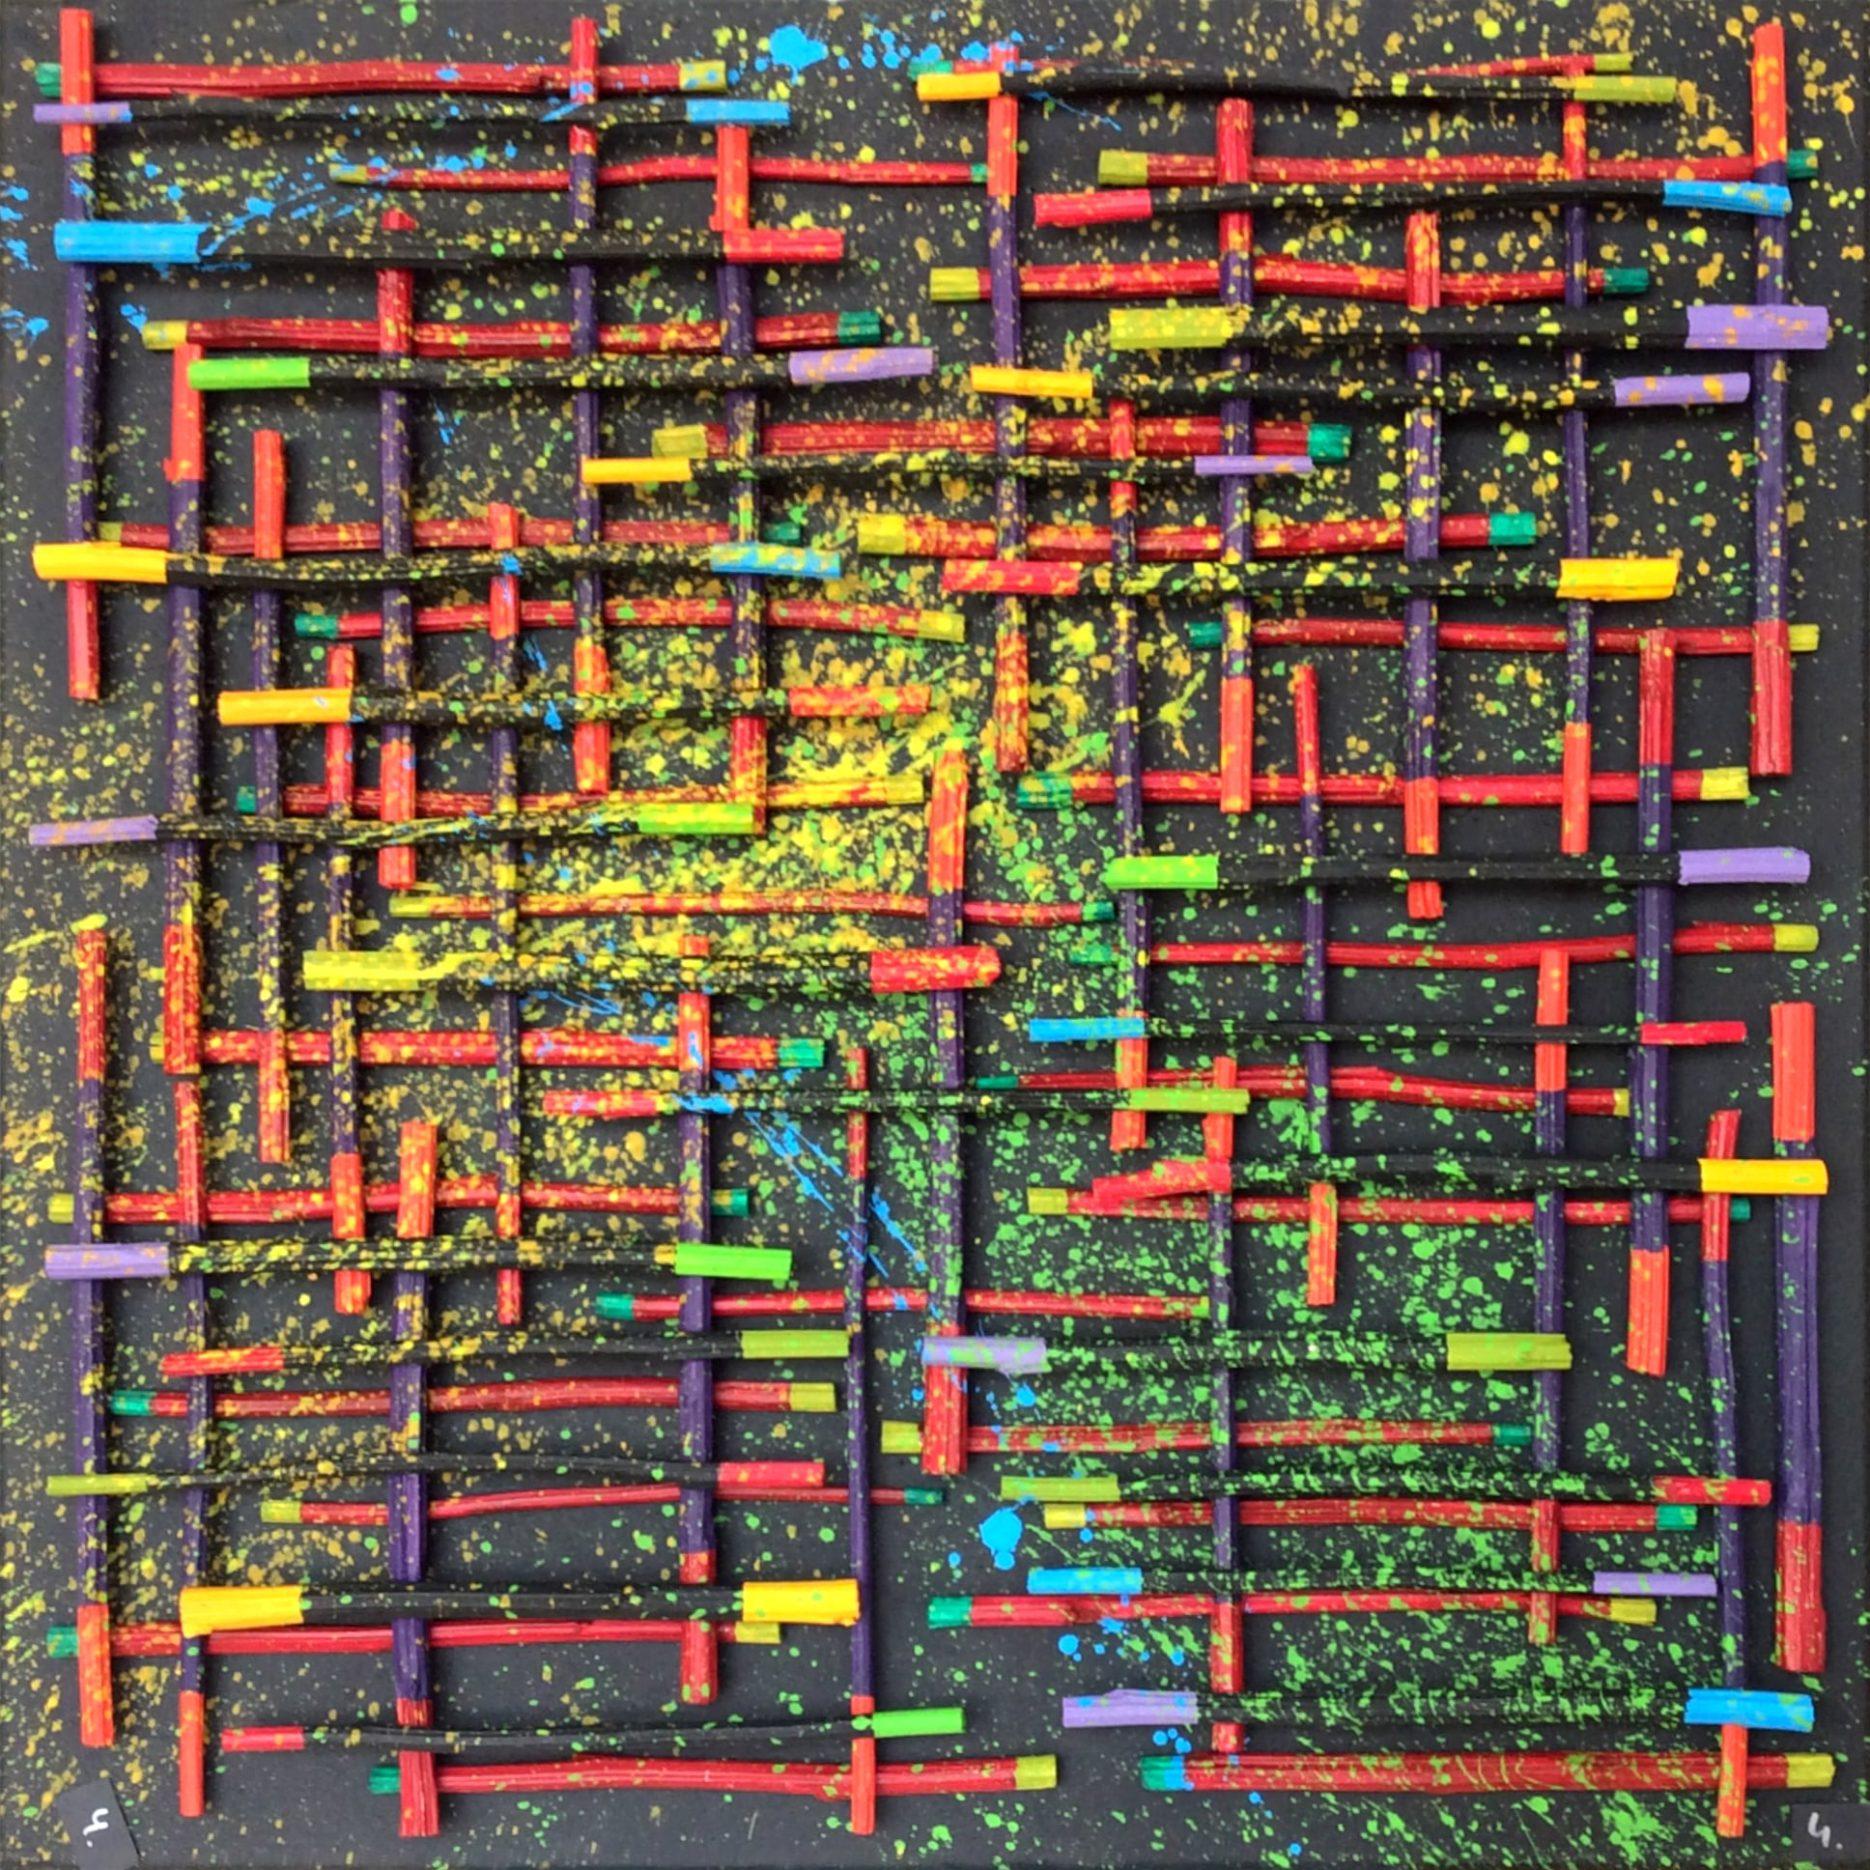 Bild 0,70 x 0,70 m Rapsstangen (2019)